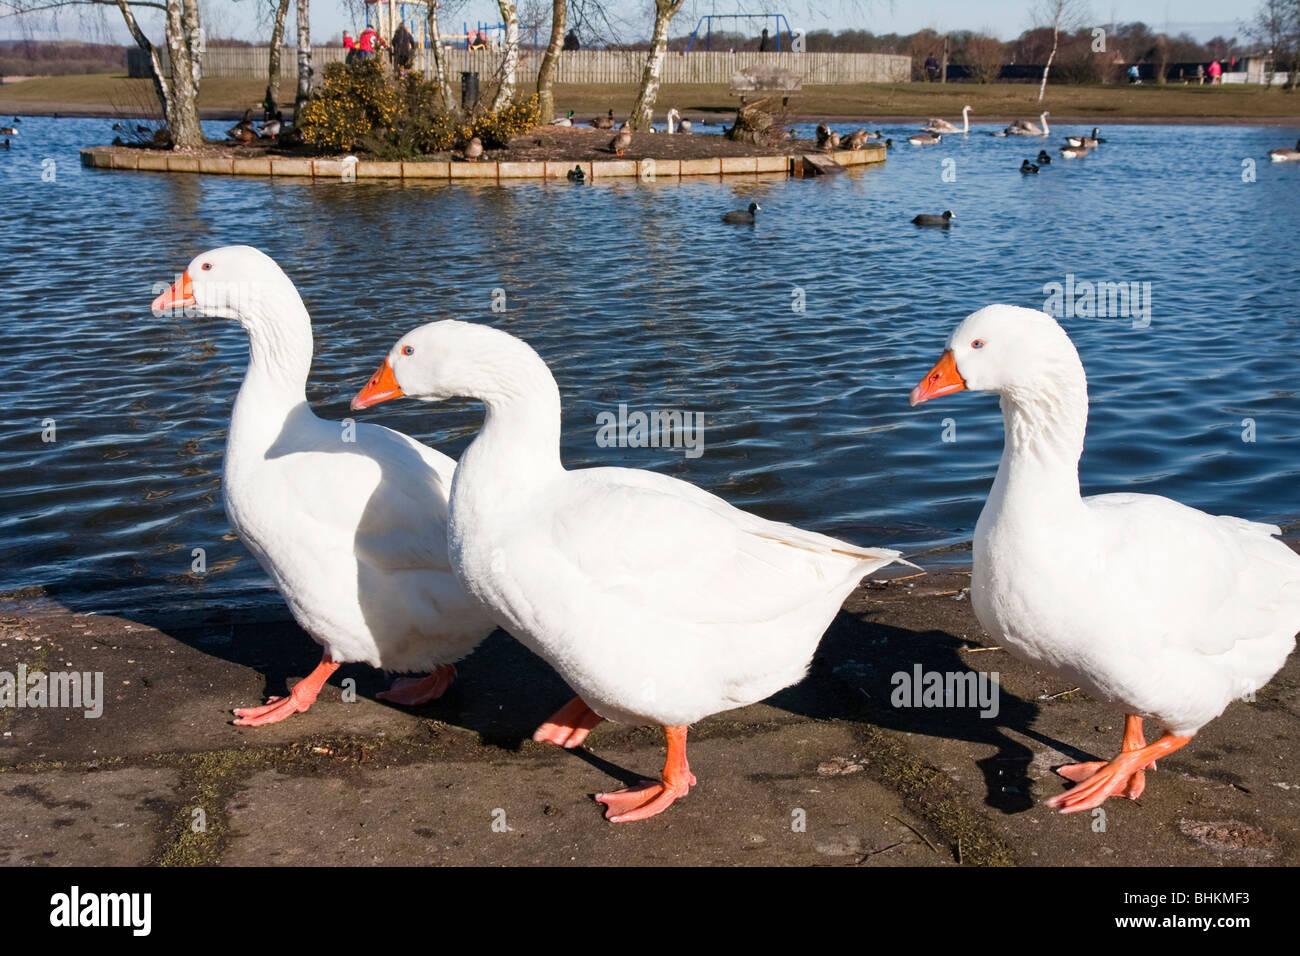 Three Aylesbury ducks - Stock Image